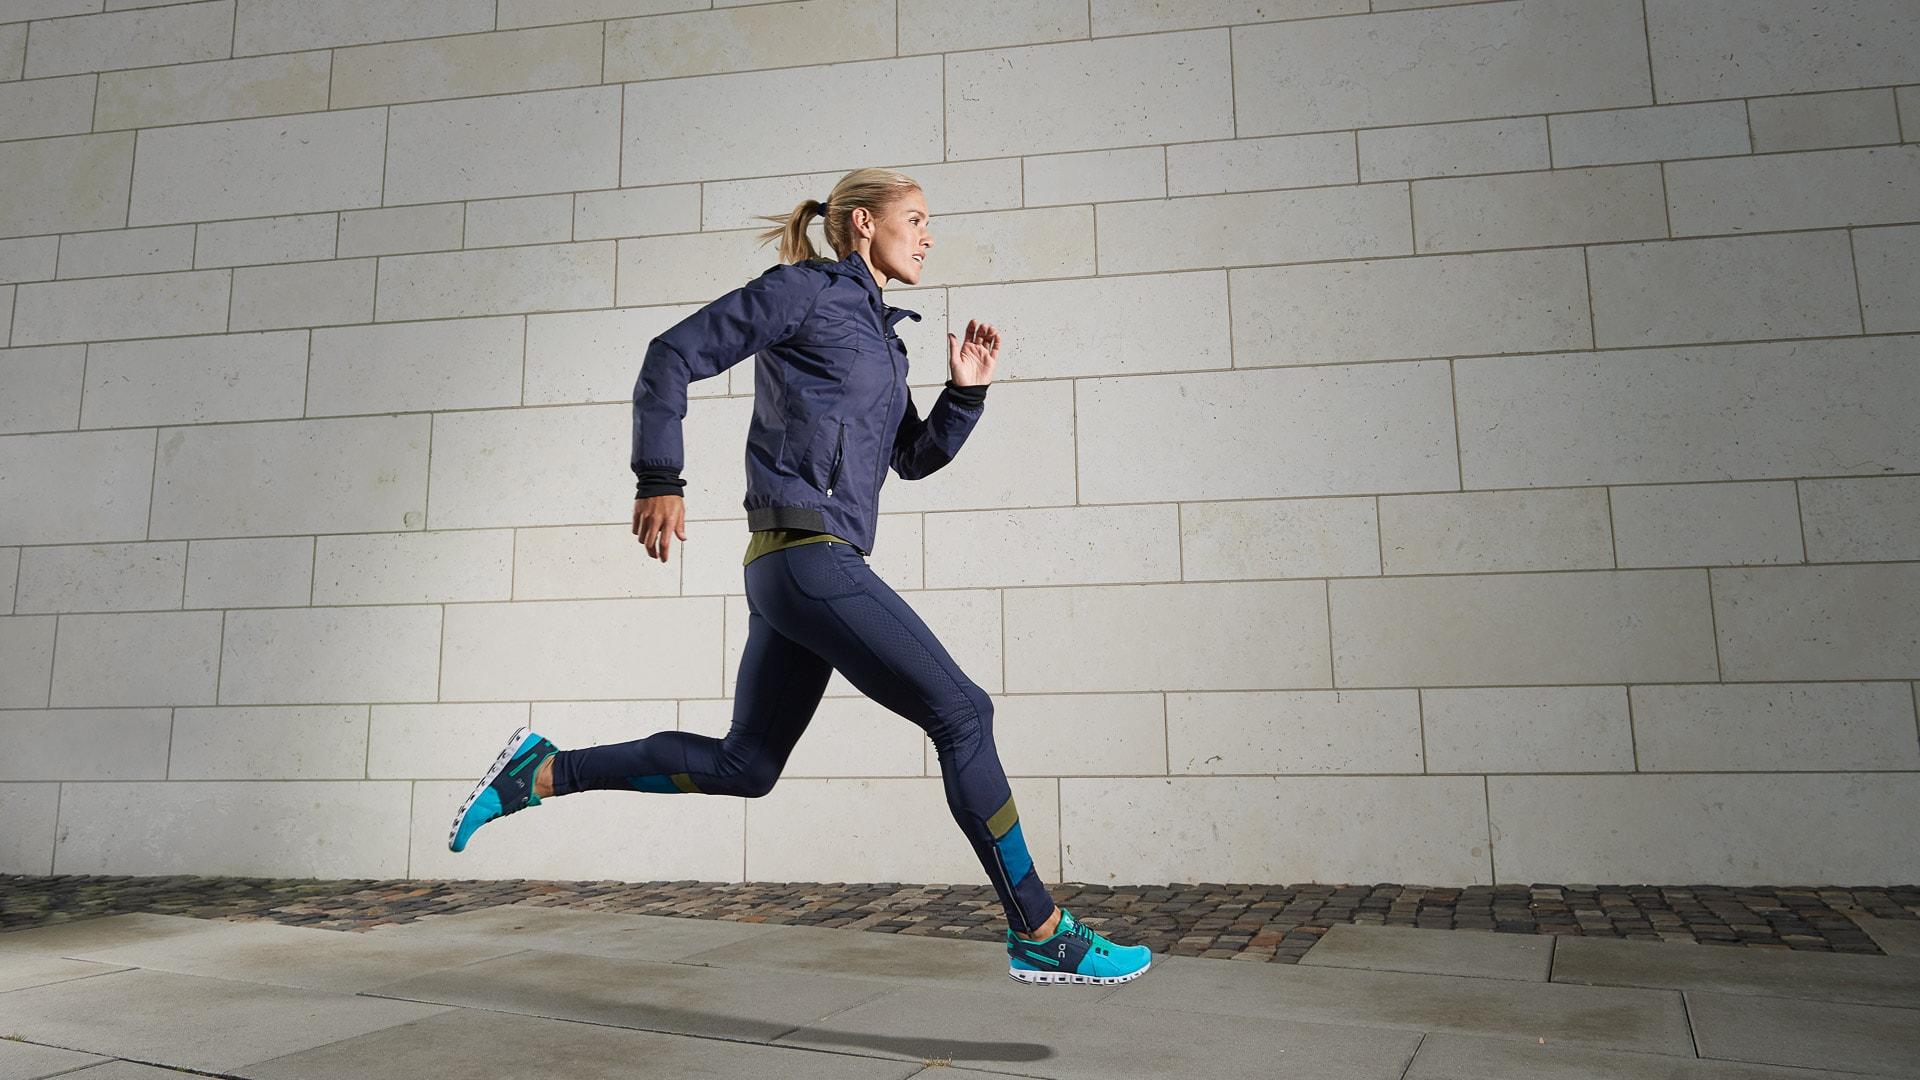 Werbeaufnahme für Runners Point mit Sport-Model von der Modelagentur Elace / München